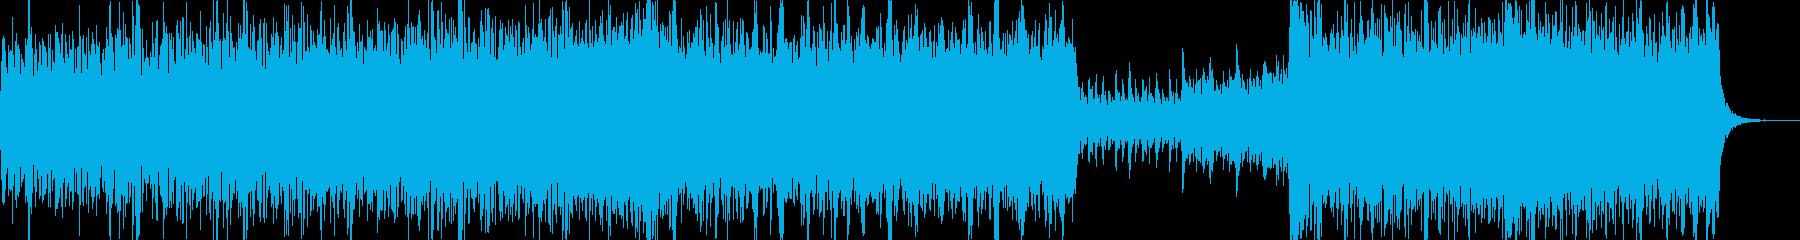 戦闘や走る時の音源の再生済みの波形